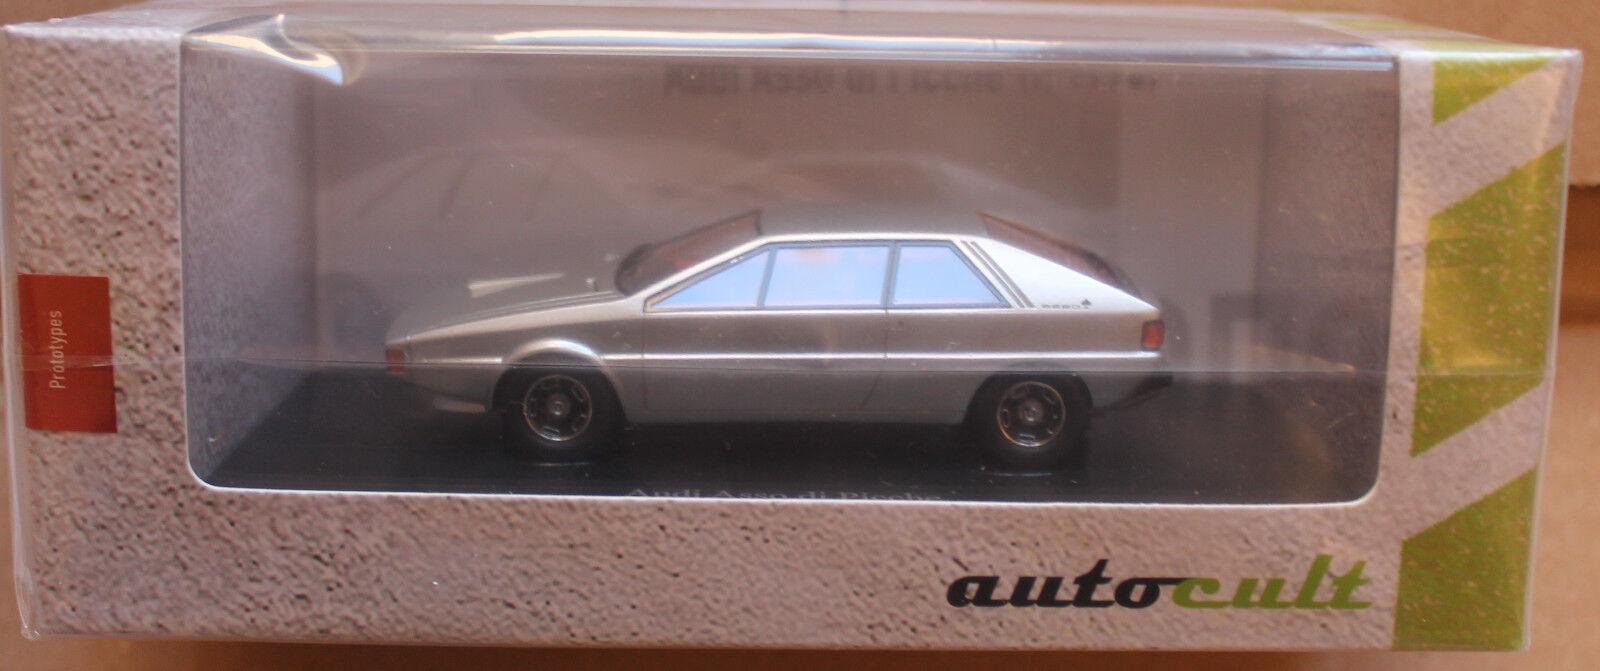 Autocult 1 43  06011-Audi-Association-di - Picche de 1973